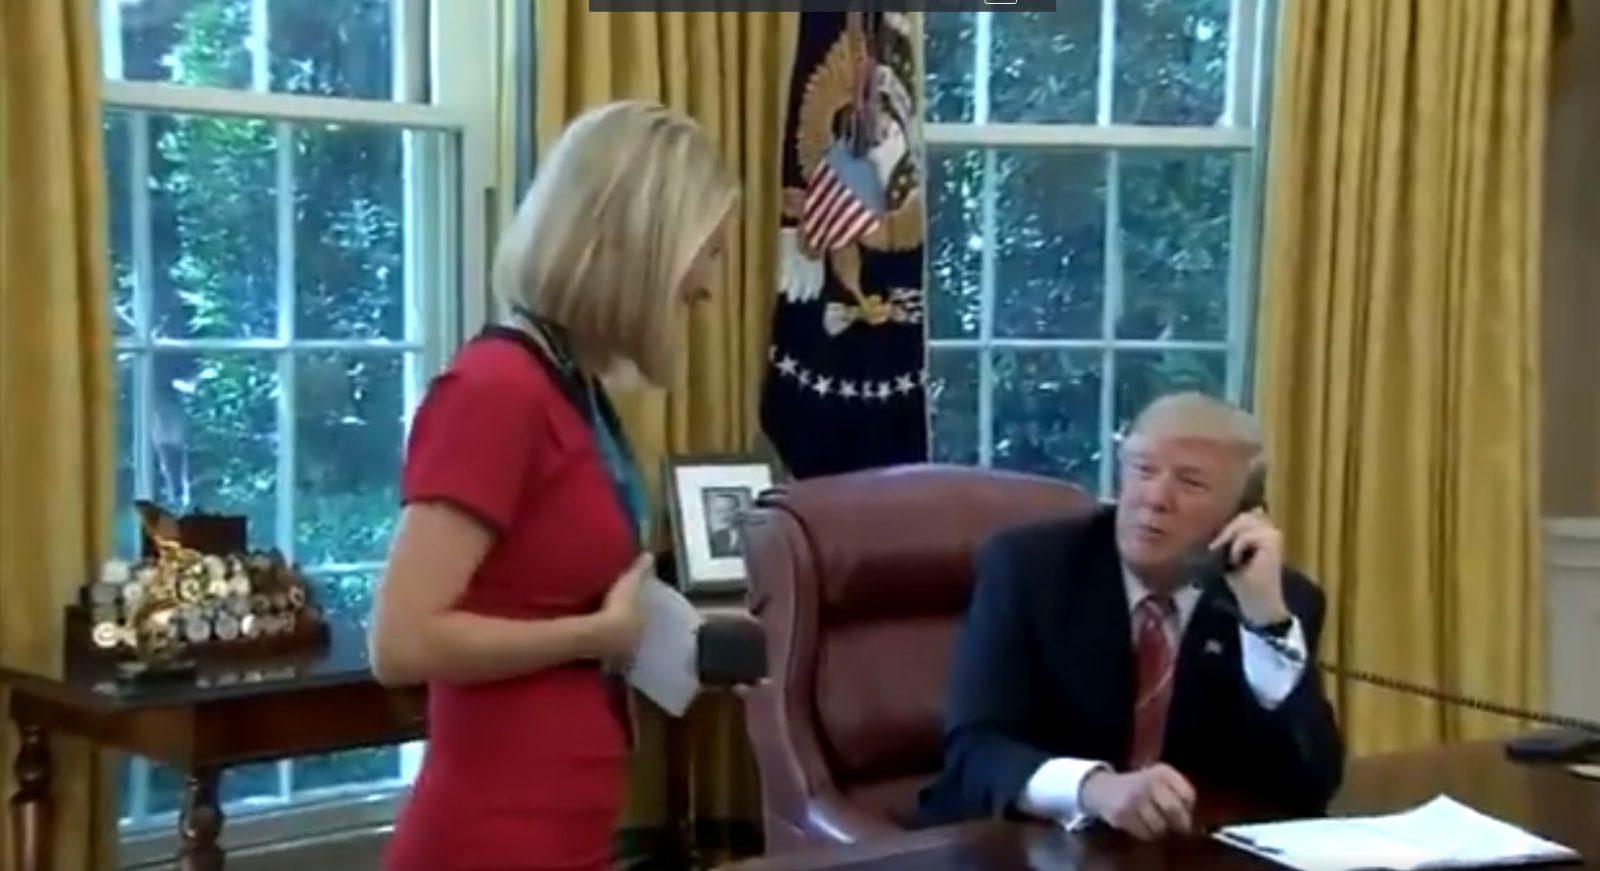 Трамп прервал разговор с премьером ради журналистки